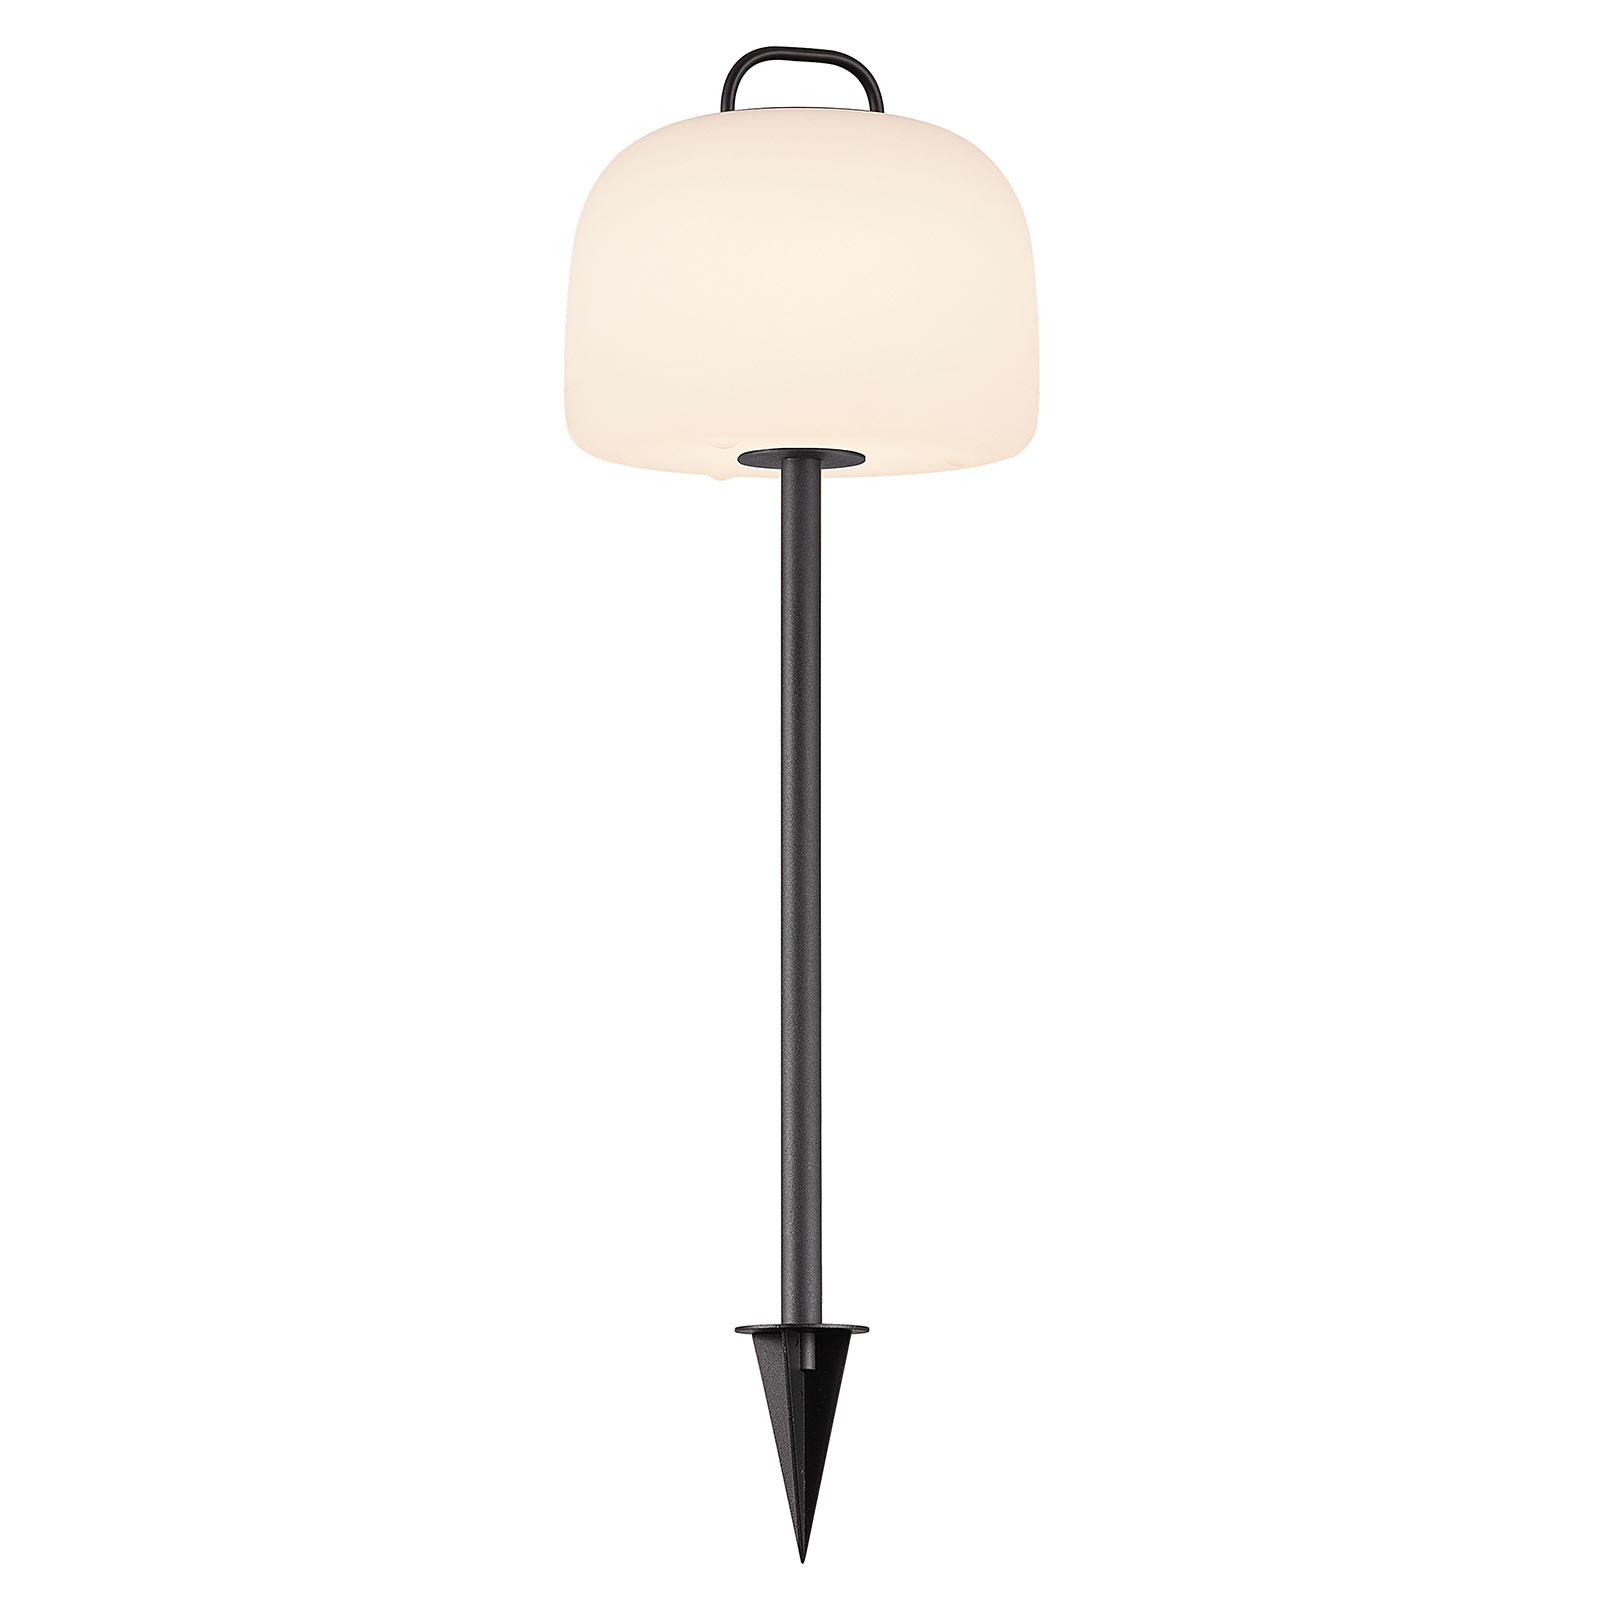 Kettle LED-lampe med jordspyd og skærm Ø 22 cm